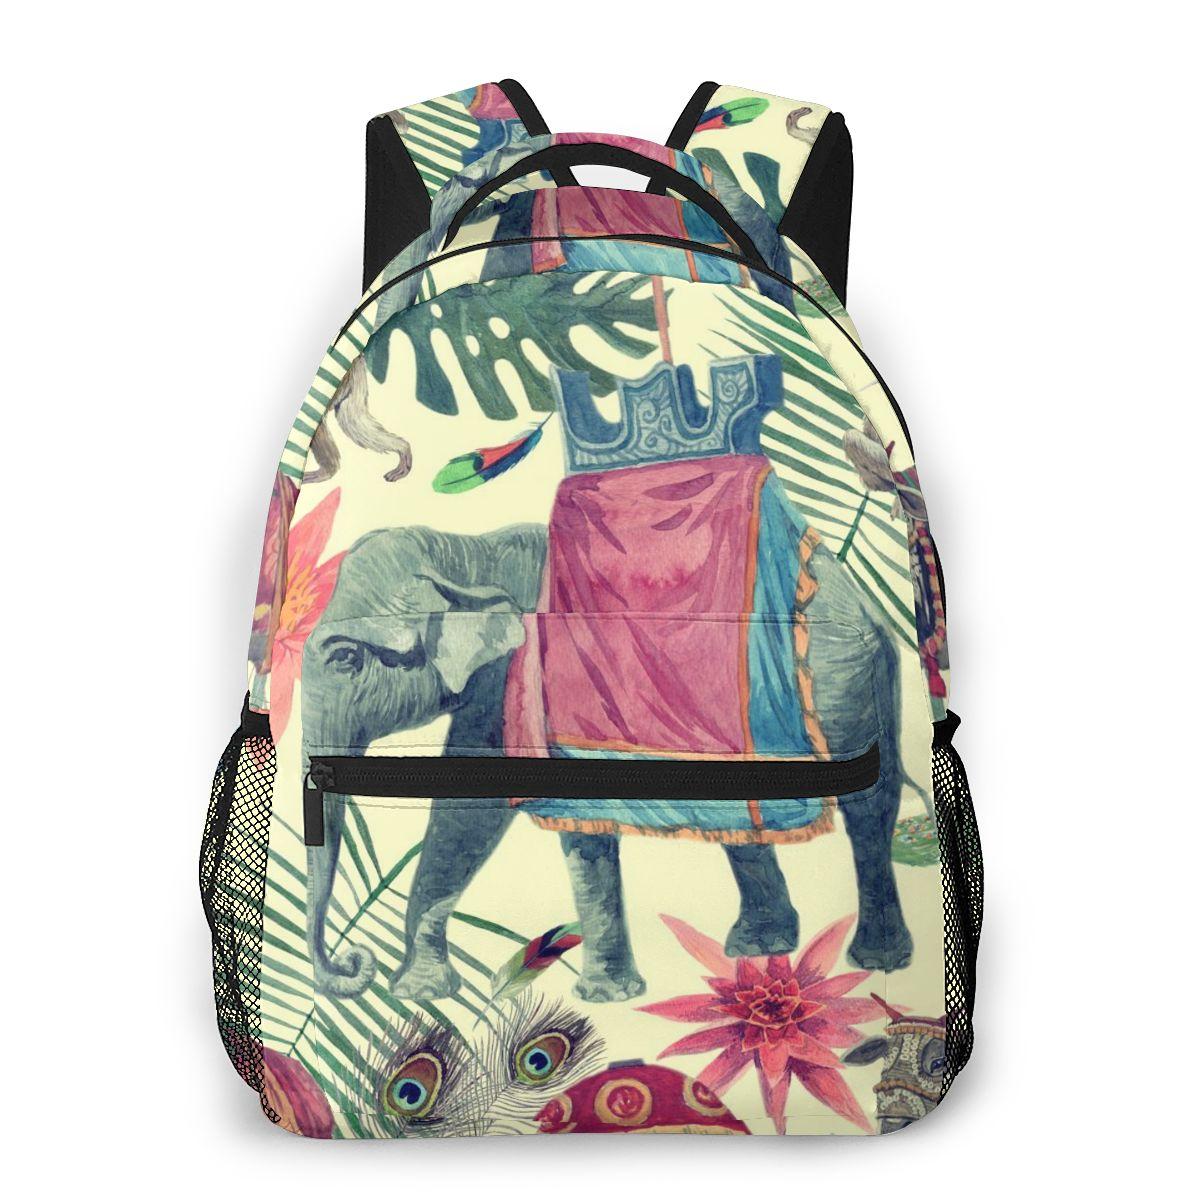 2020 Unisex elefante indio mono Pavo Real de viaje mochila mochilas escolares para libros Femenina de la escuela Casual de las mujeres